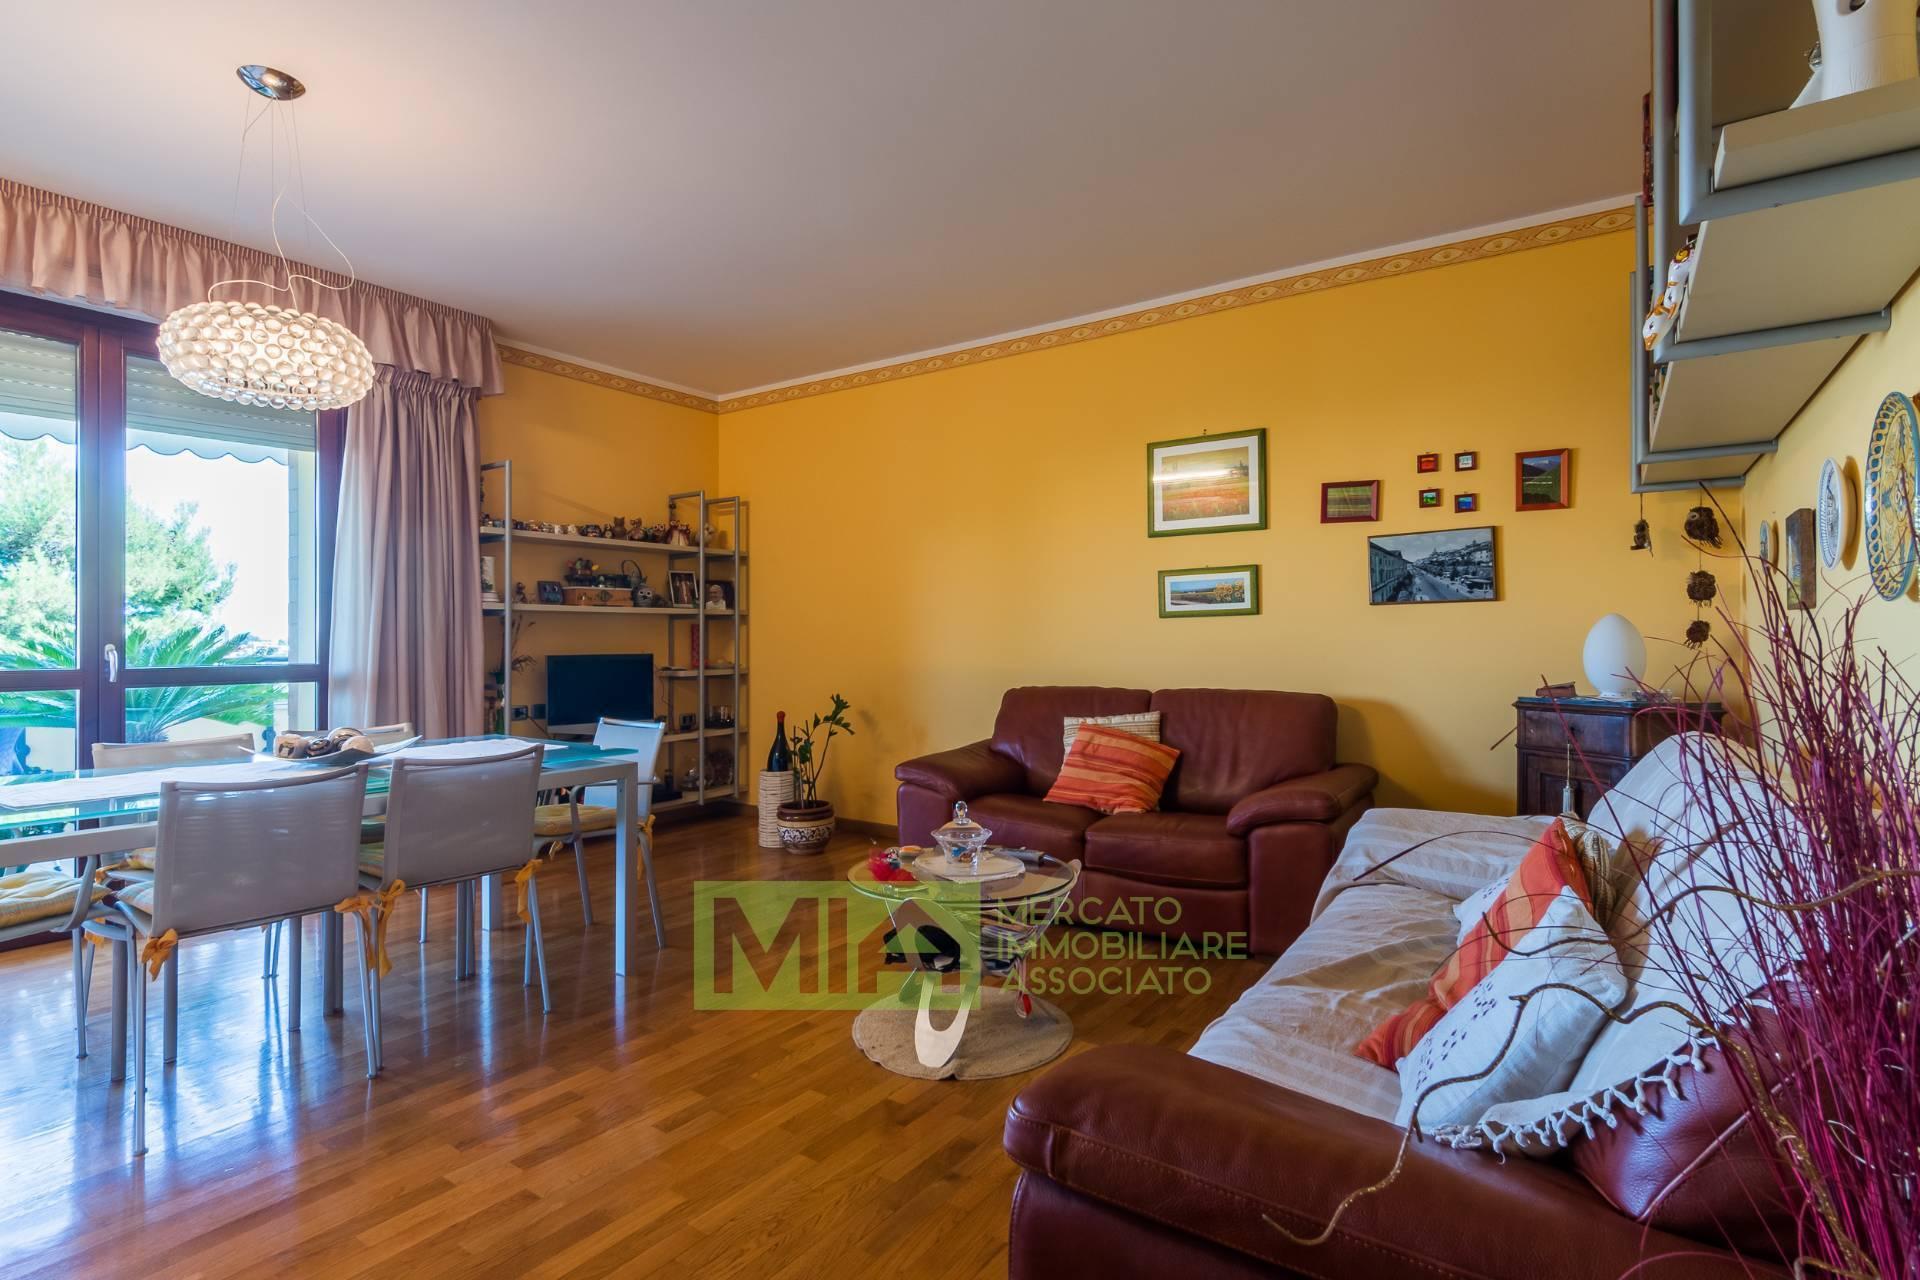 Appartamento in vendita a Macerata, 4 locali, zona Località: VIACIOCI, prezzo € 260.000 | PortaleAgenzieImmobiliari.it